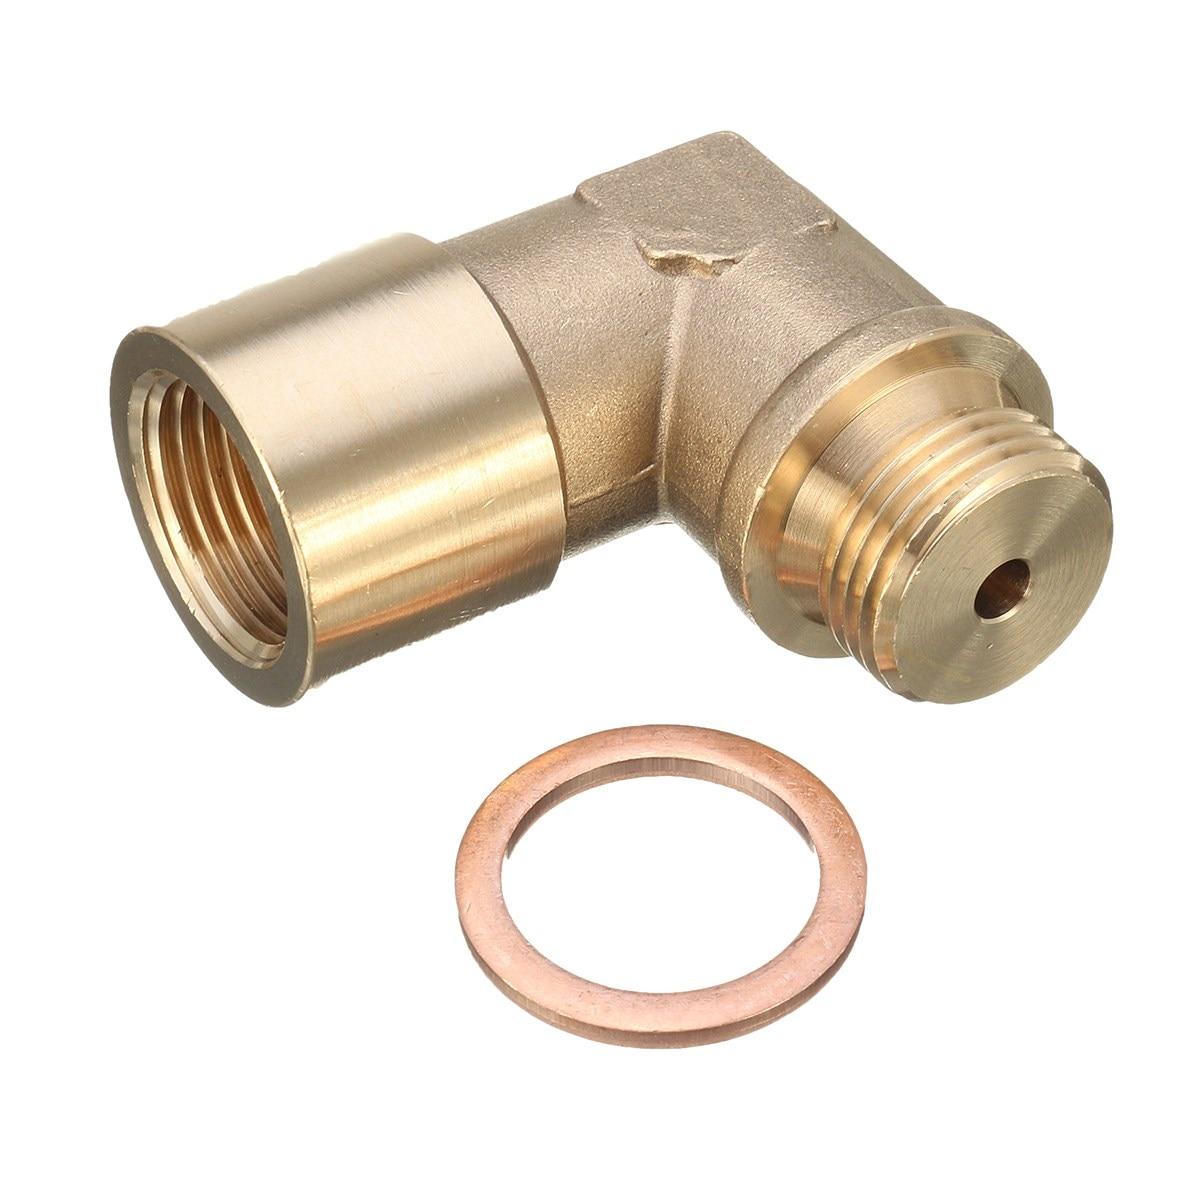 M18X1.5 O2 Abgewinkelt Sauerstoffsensor Lambda Verlängerung Spacer Messing Für Decat/Wasserstoff